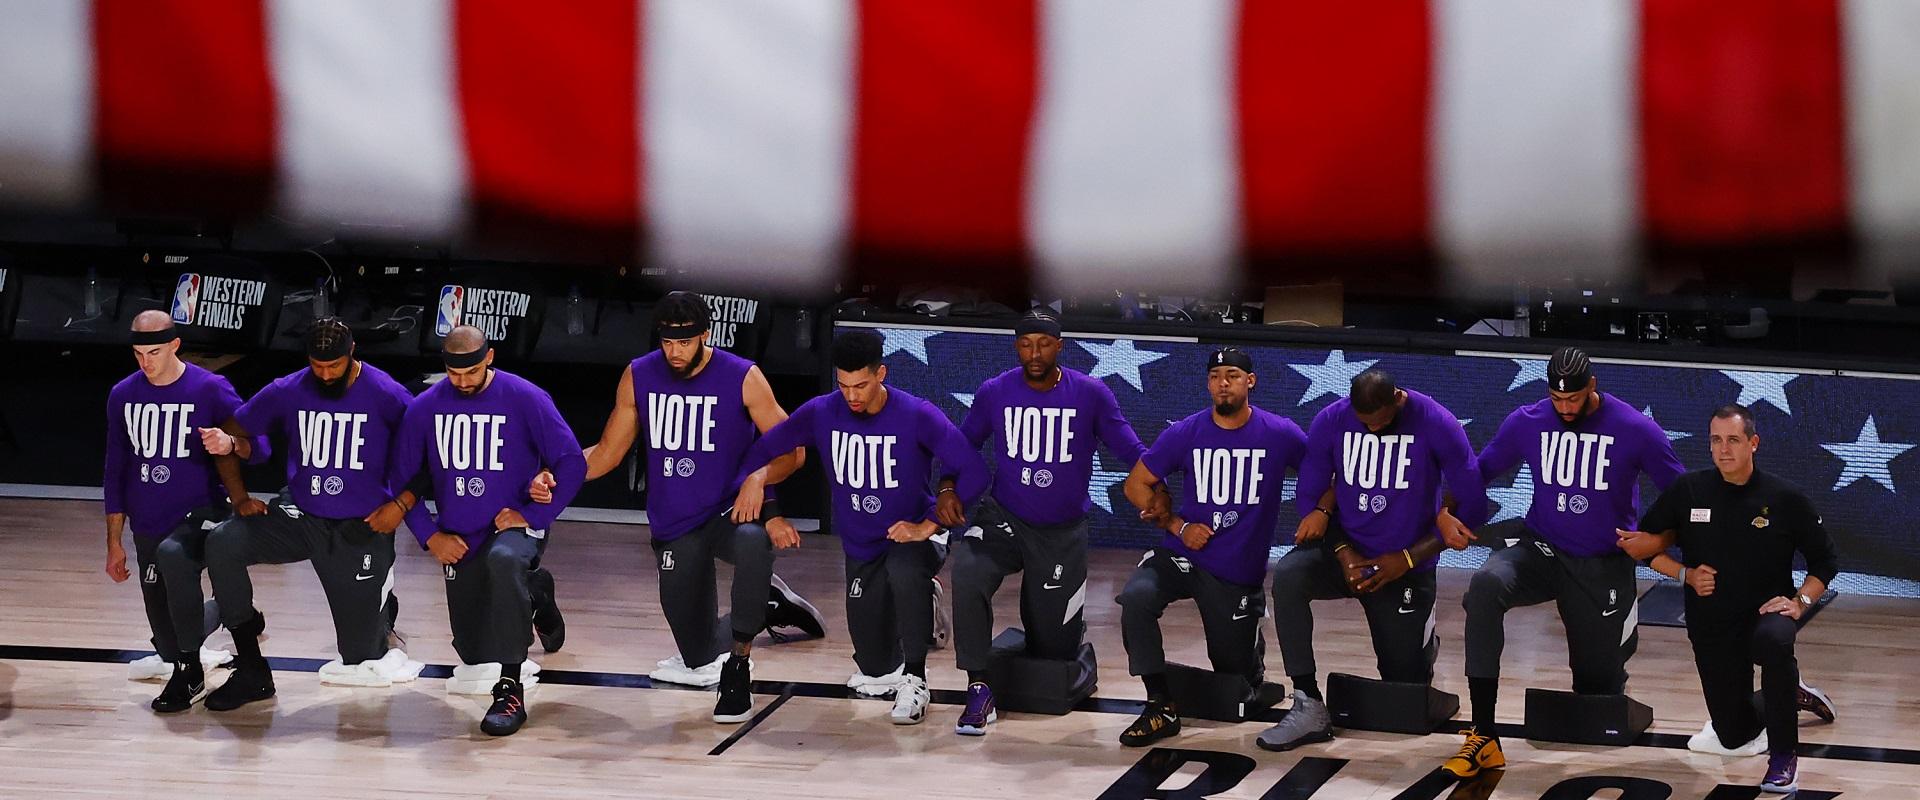 A PARTICIPAÇÃO DA NBA NAS ELEIÇÕES AMERICANAS